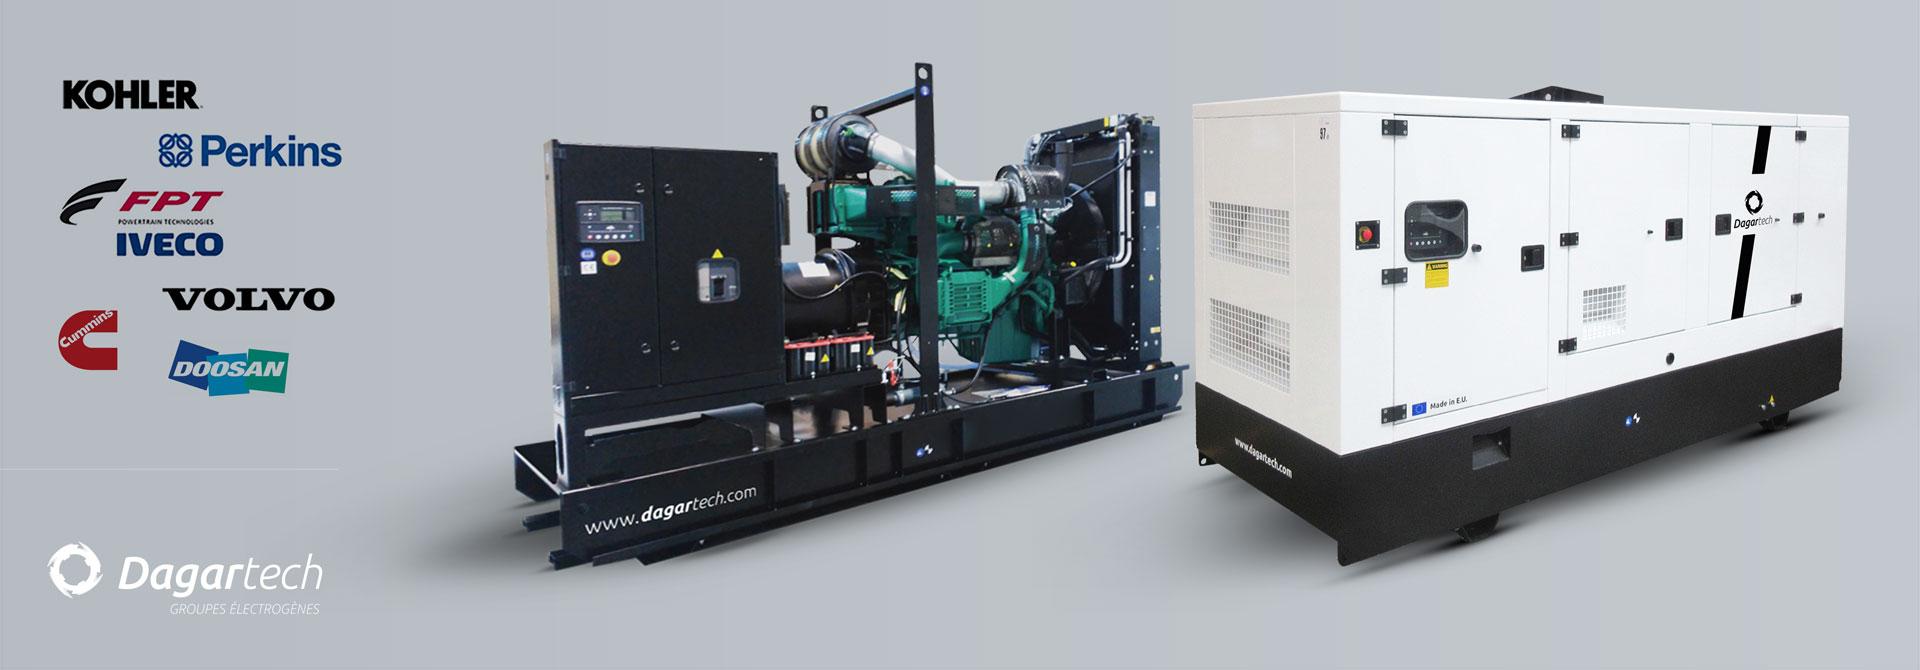 Groupe électrogène industriel pour applications industrielles avec moteur Kohler, Perkins, Iveco, Cummins, Doosan ou Volvo avec refroidissement par eau de Dagartech